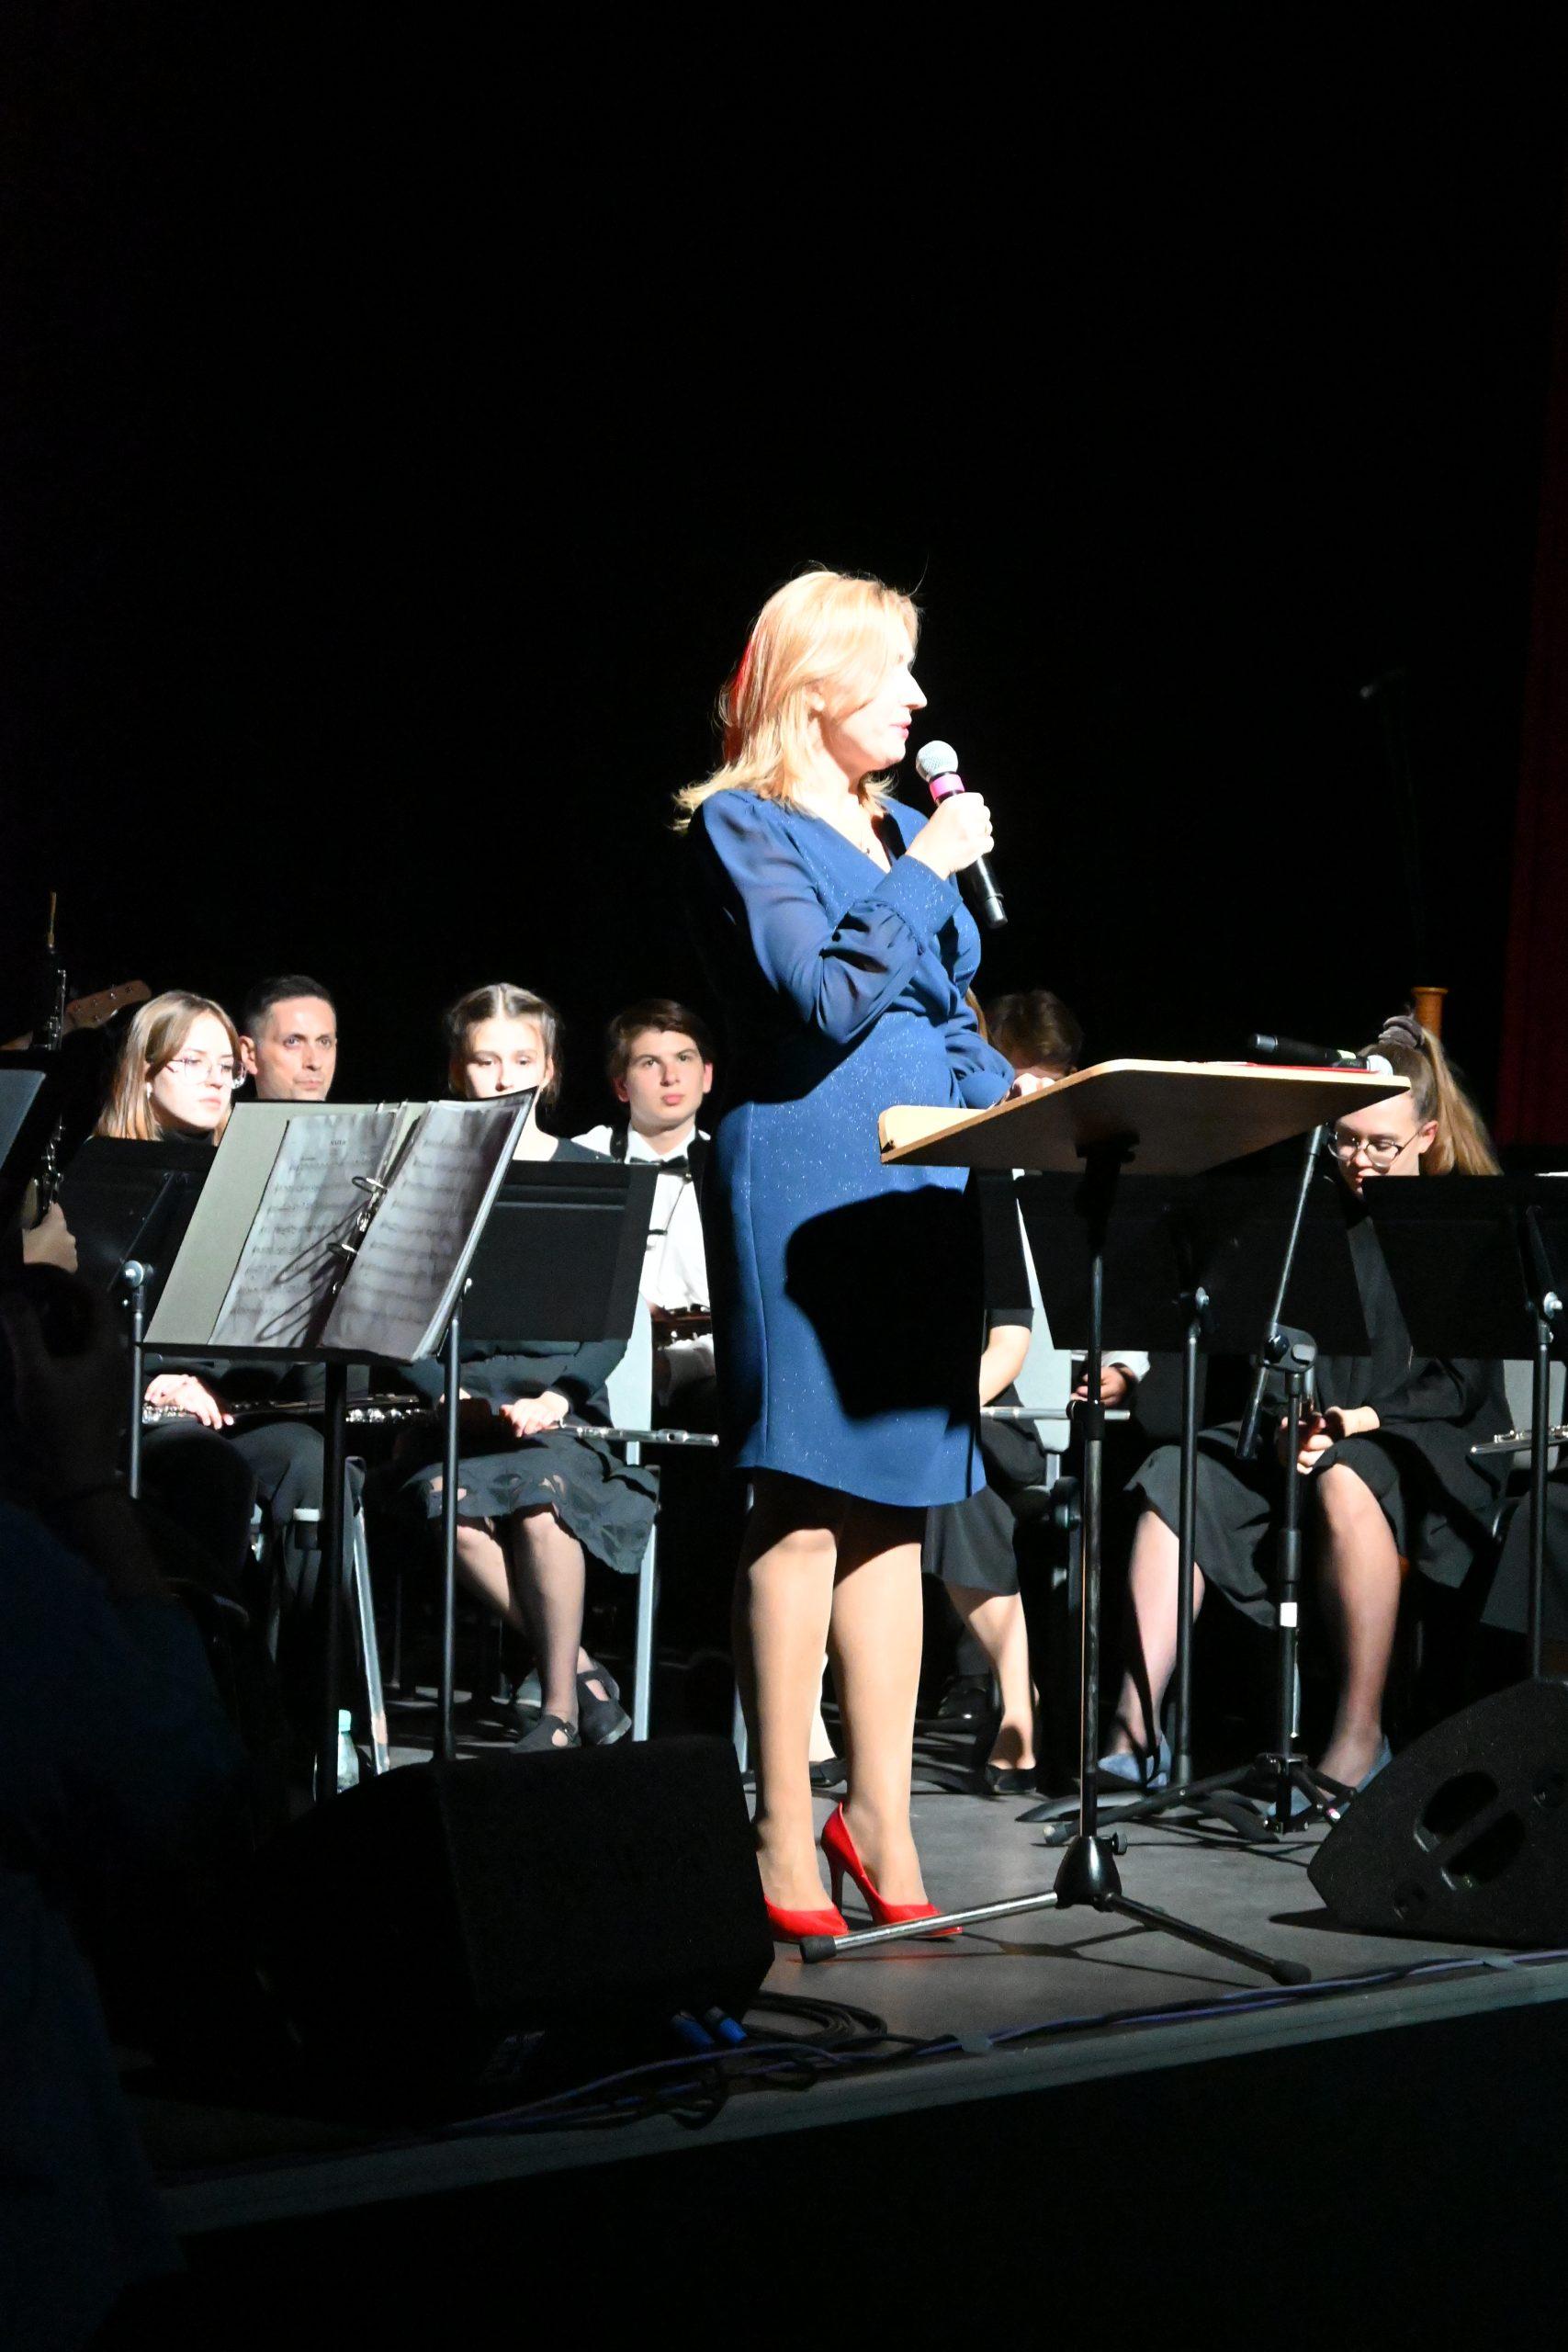 Konferansjer oraz orkiestra na scenie